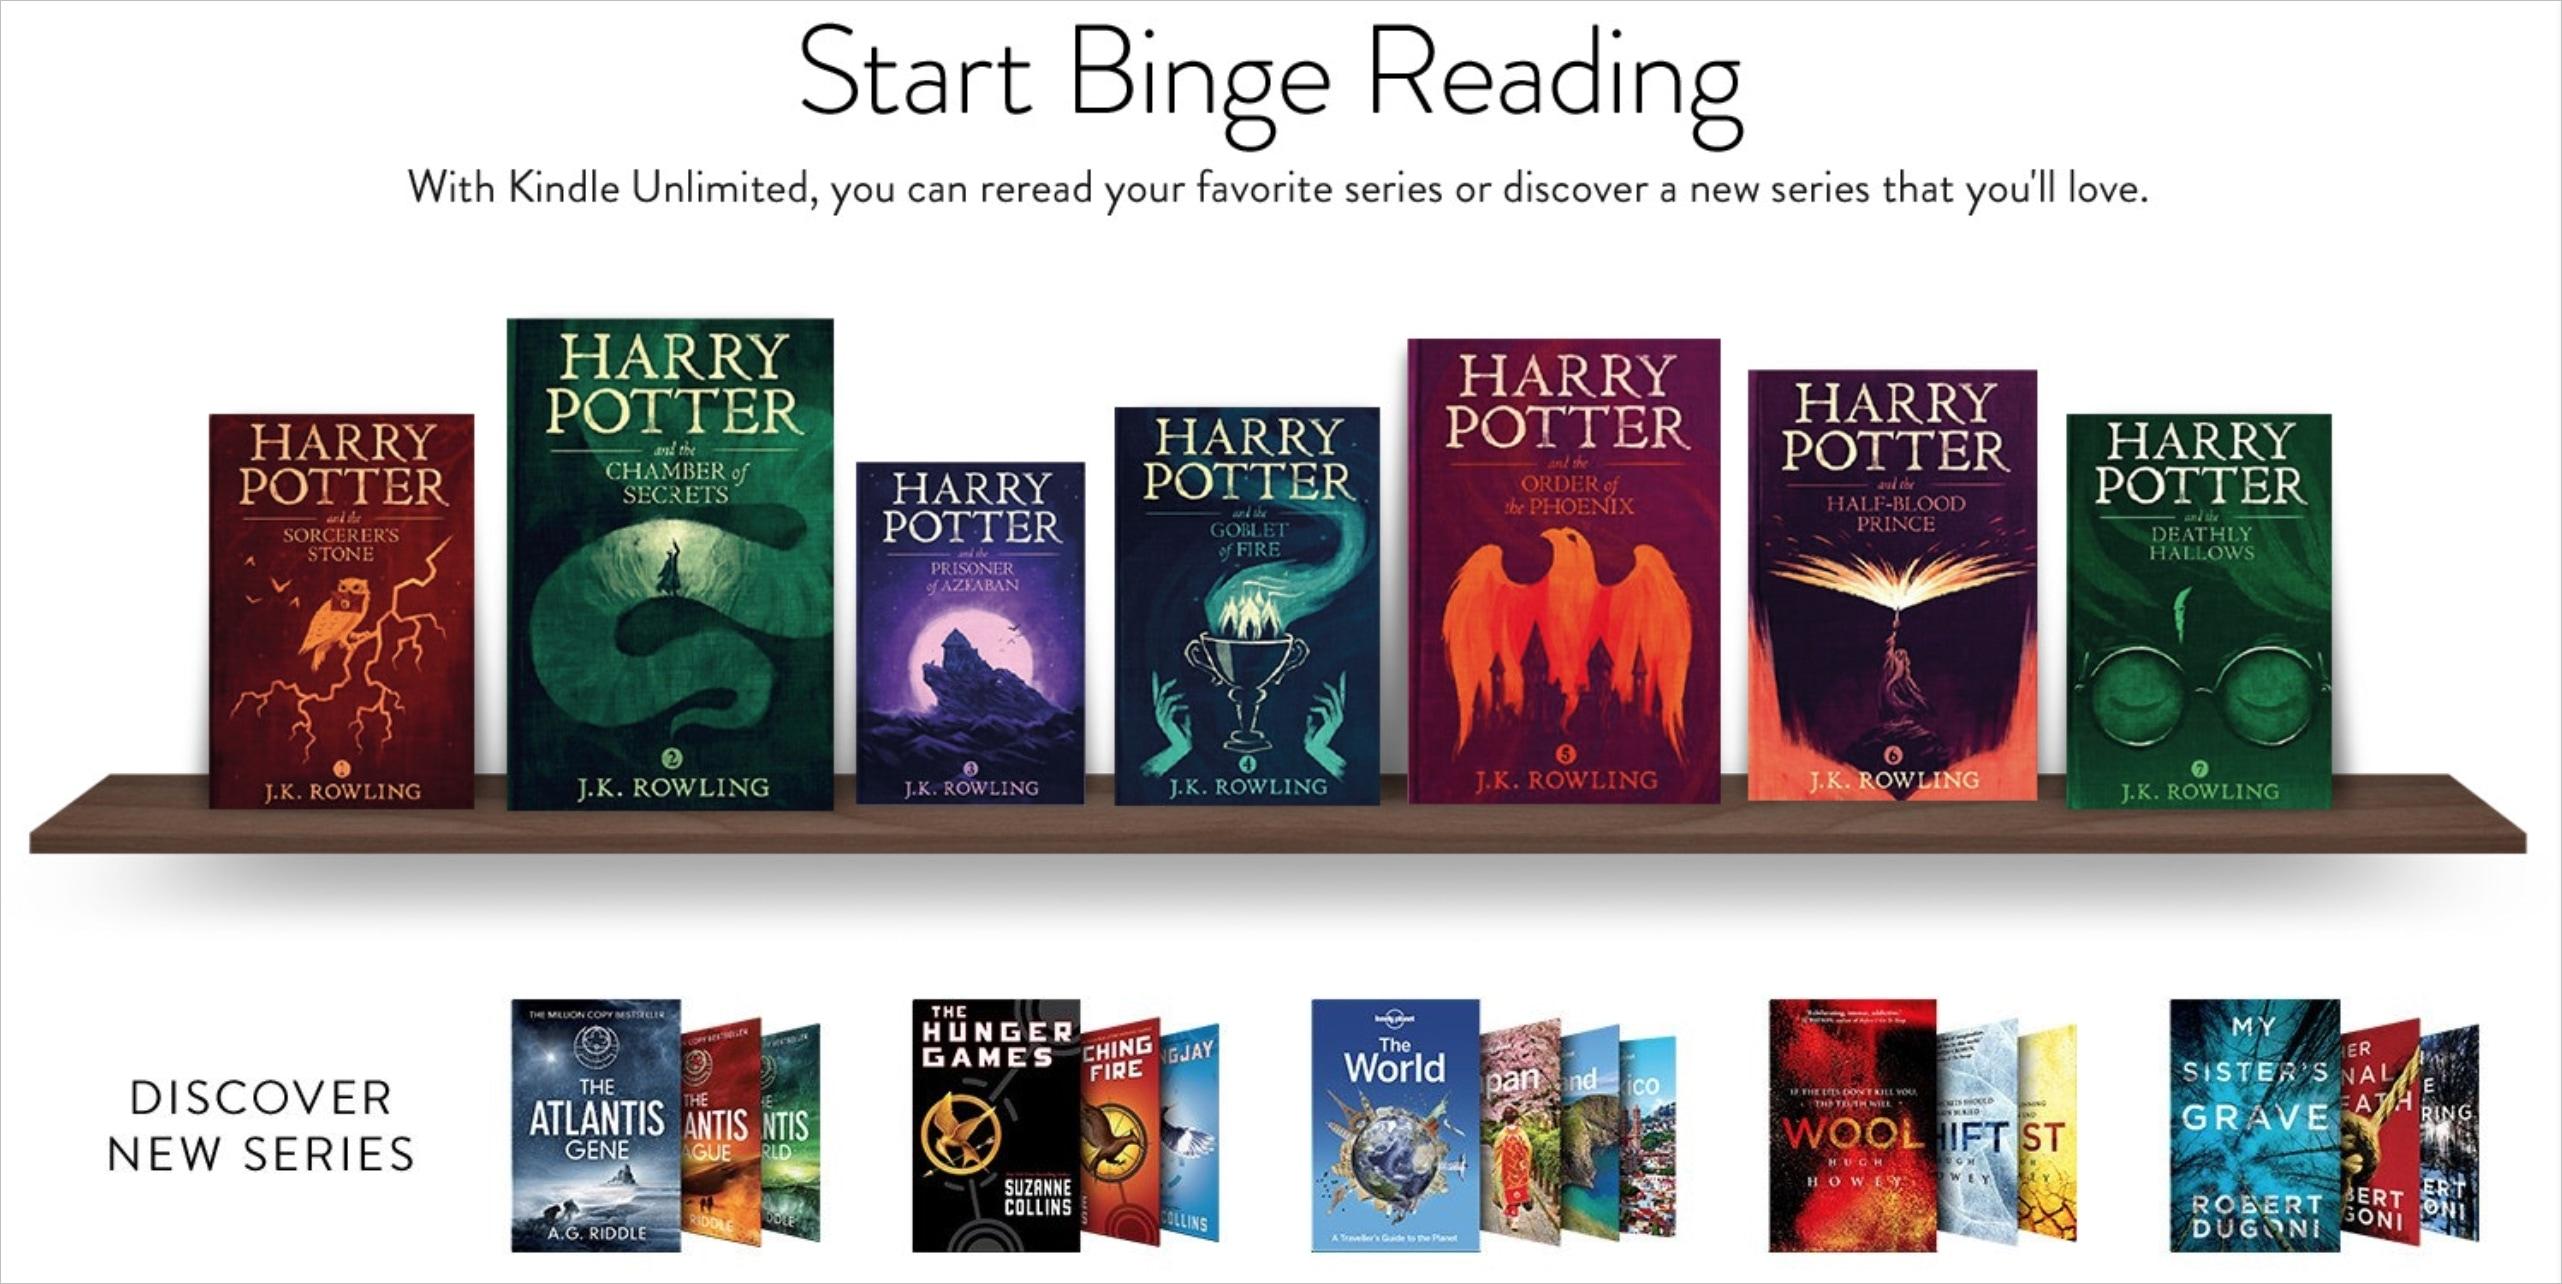 Kindle Unlimited on Amazon